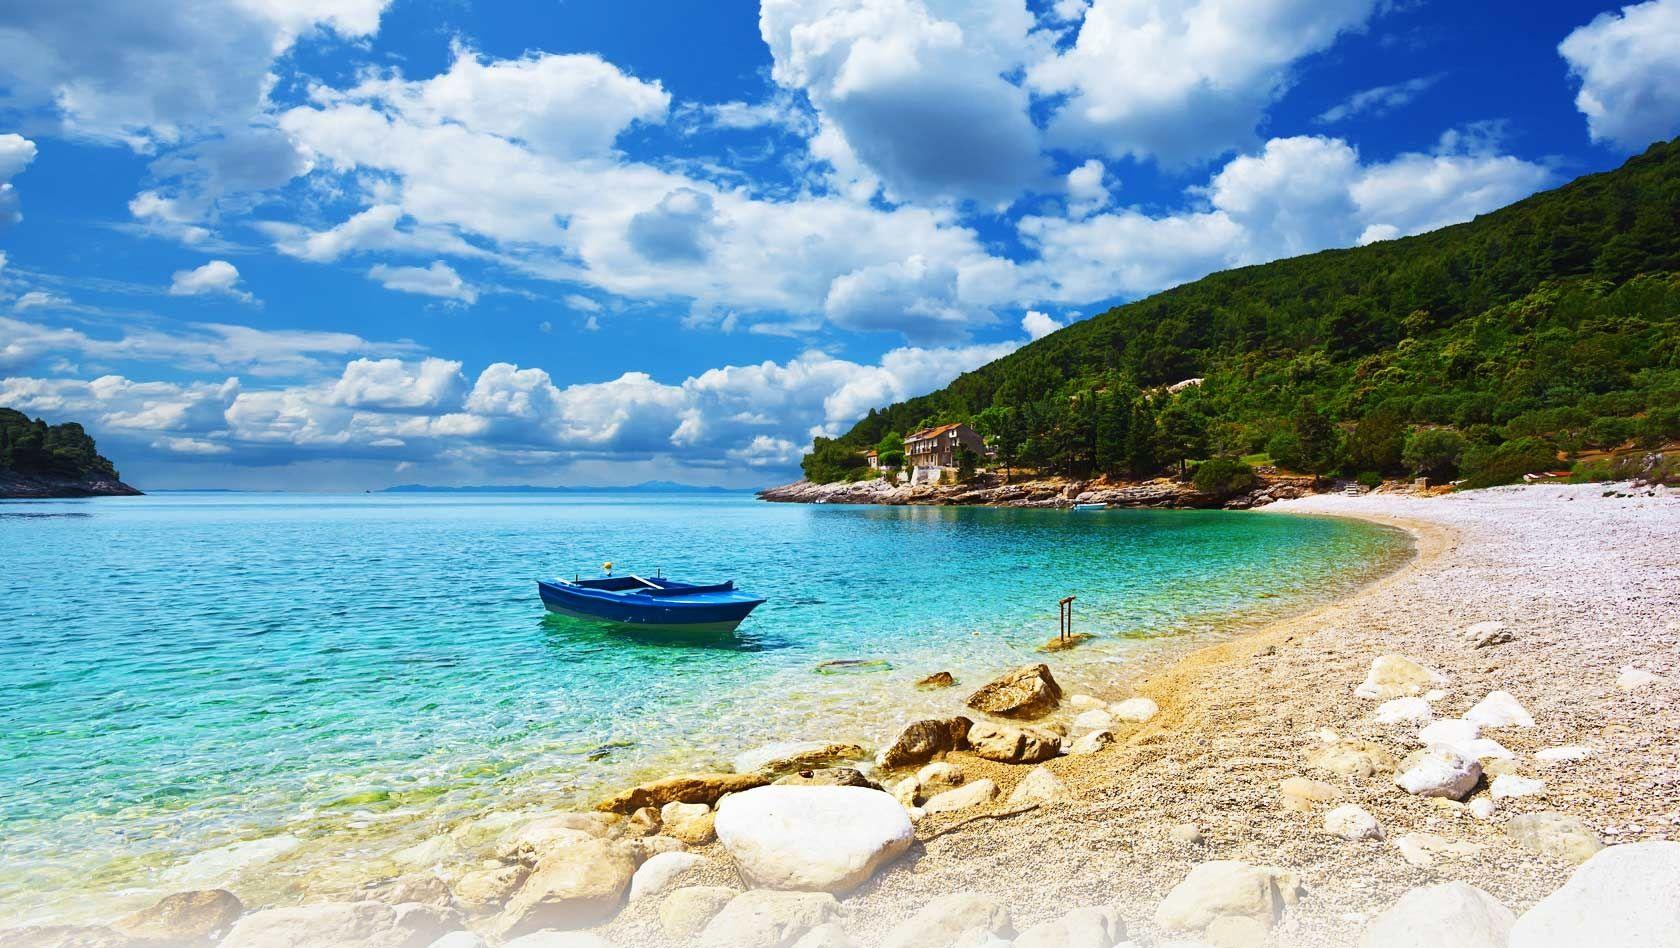 Хорватия, Адриатическое море, отдых, отпуск, пляж